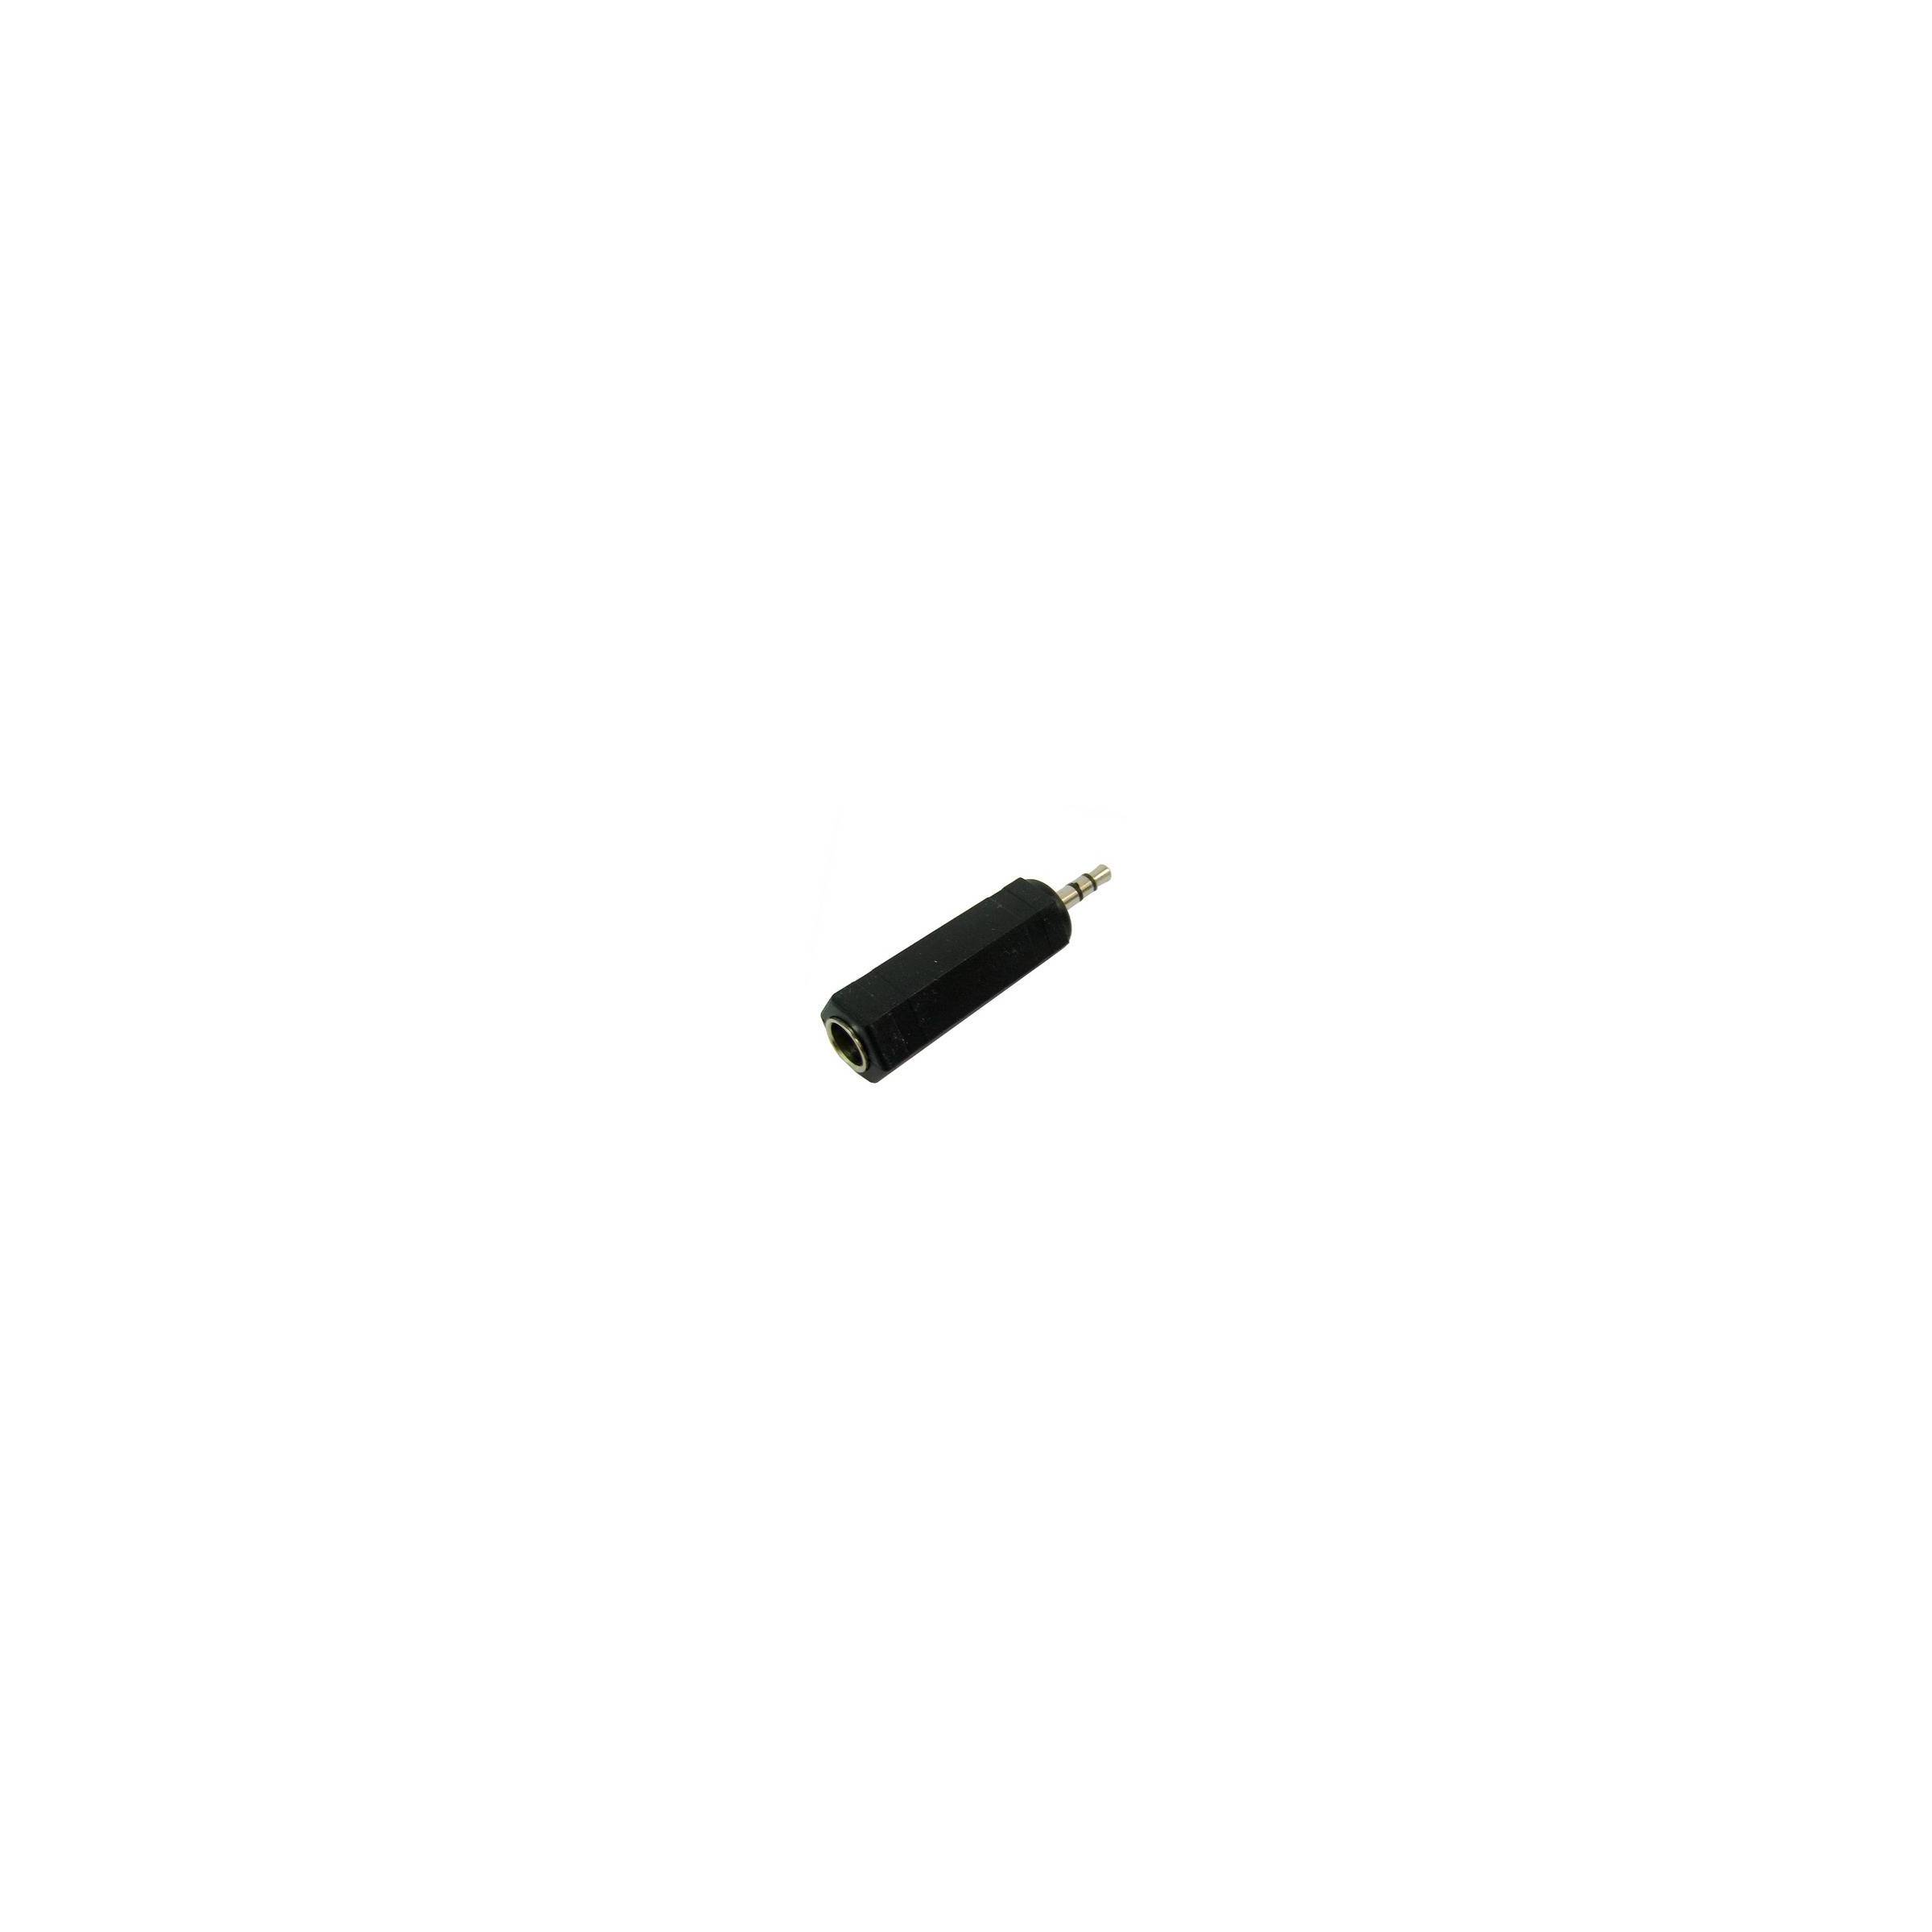 kina oem – 6,35mm stereo jack til 3,5mm mini jack adapter fra mackabler.dk